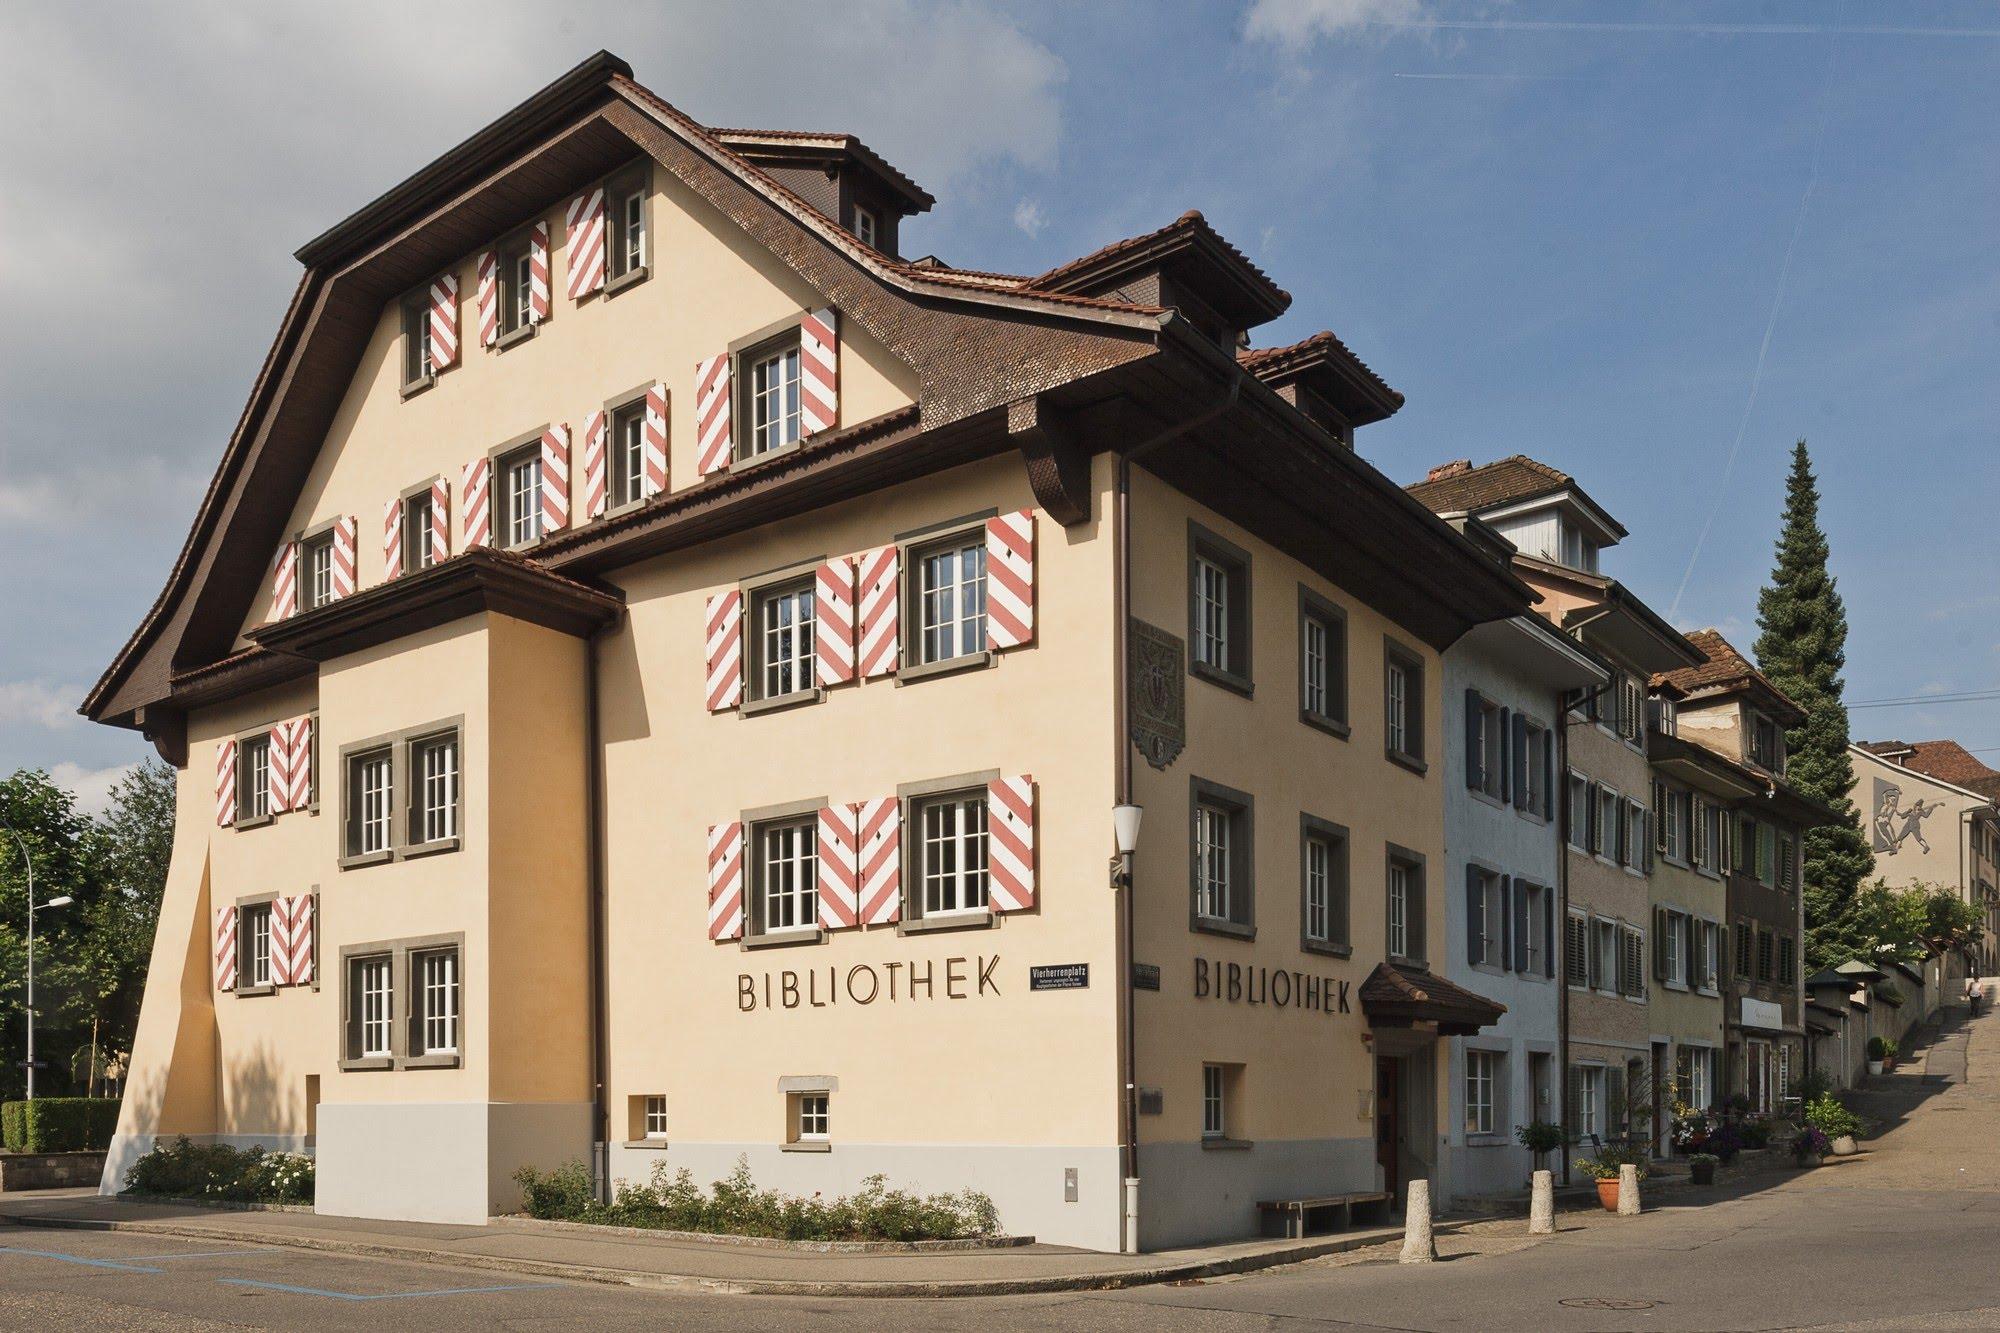 Öffentlich Umbau Haus zur Spinne Architektur,Wohnungsbau,Wohnhäuser,Einfamilienhäuser,Mehrfamilienhäuser